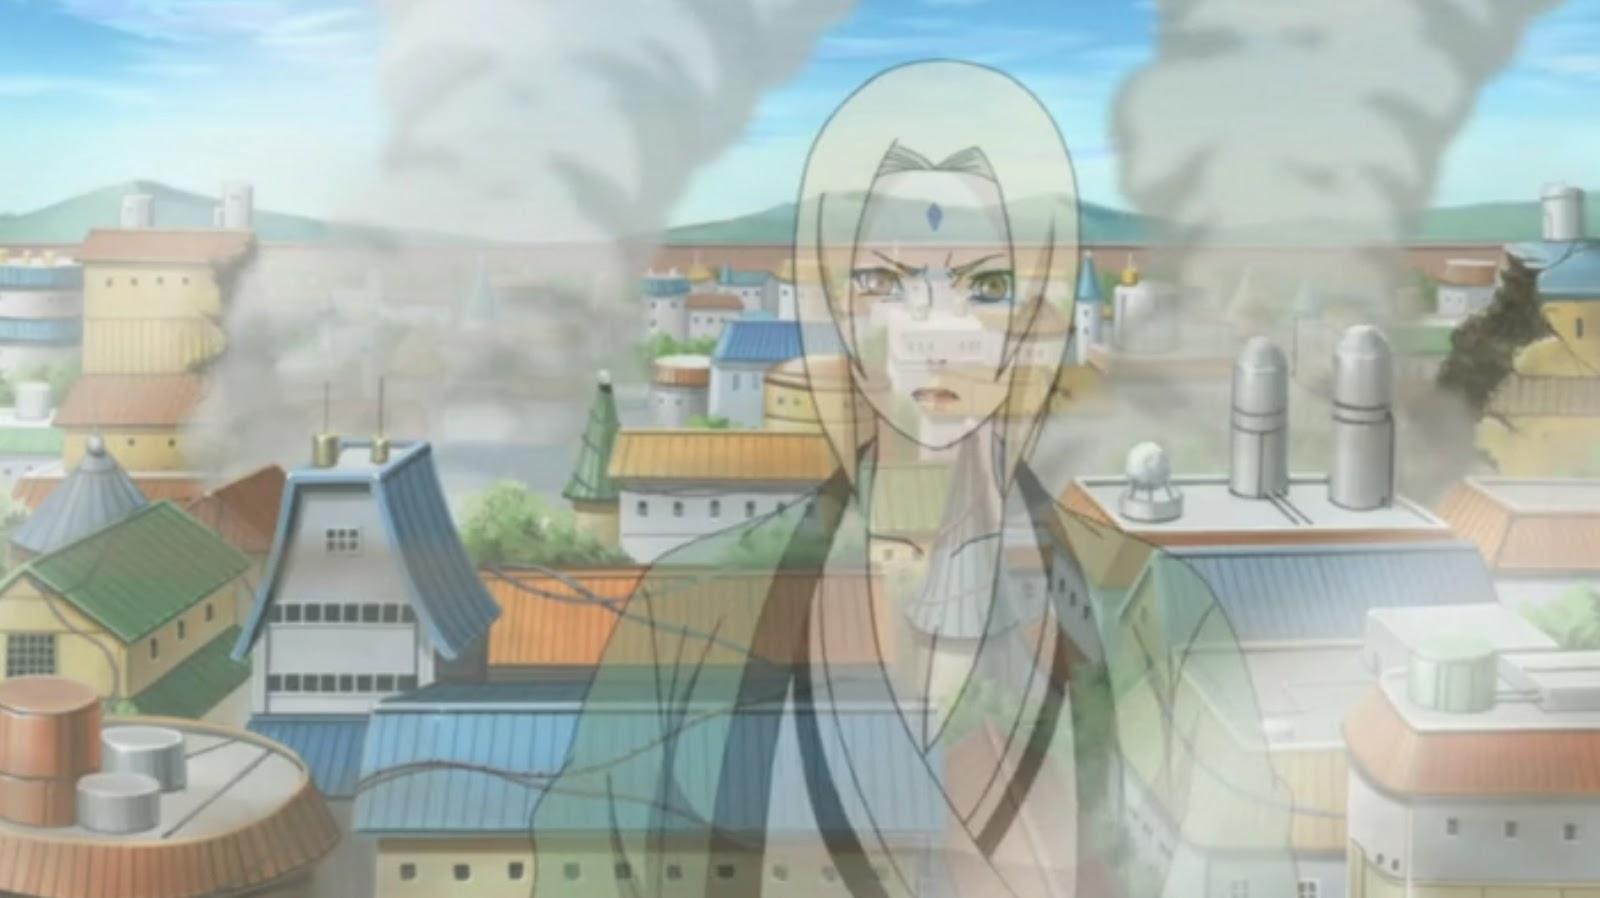 Naruto Shippuden Episódio 157, Assistir Naruto Shippuden Episódio 157, Assistir Naruto Shippuden Todos os Episódios Legendado, Naruto Shippuden episódio 157,HD